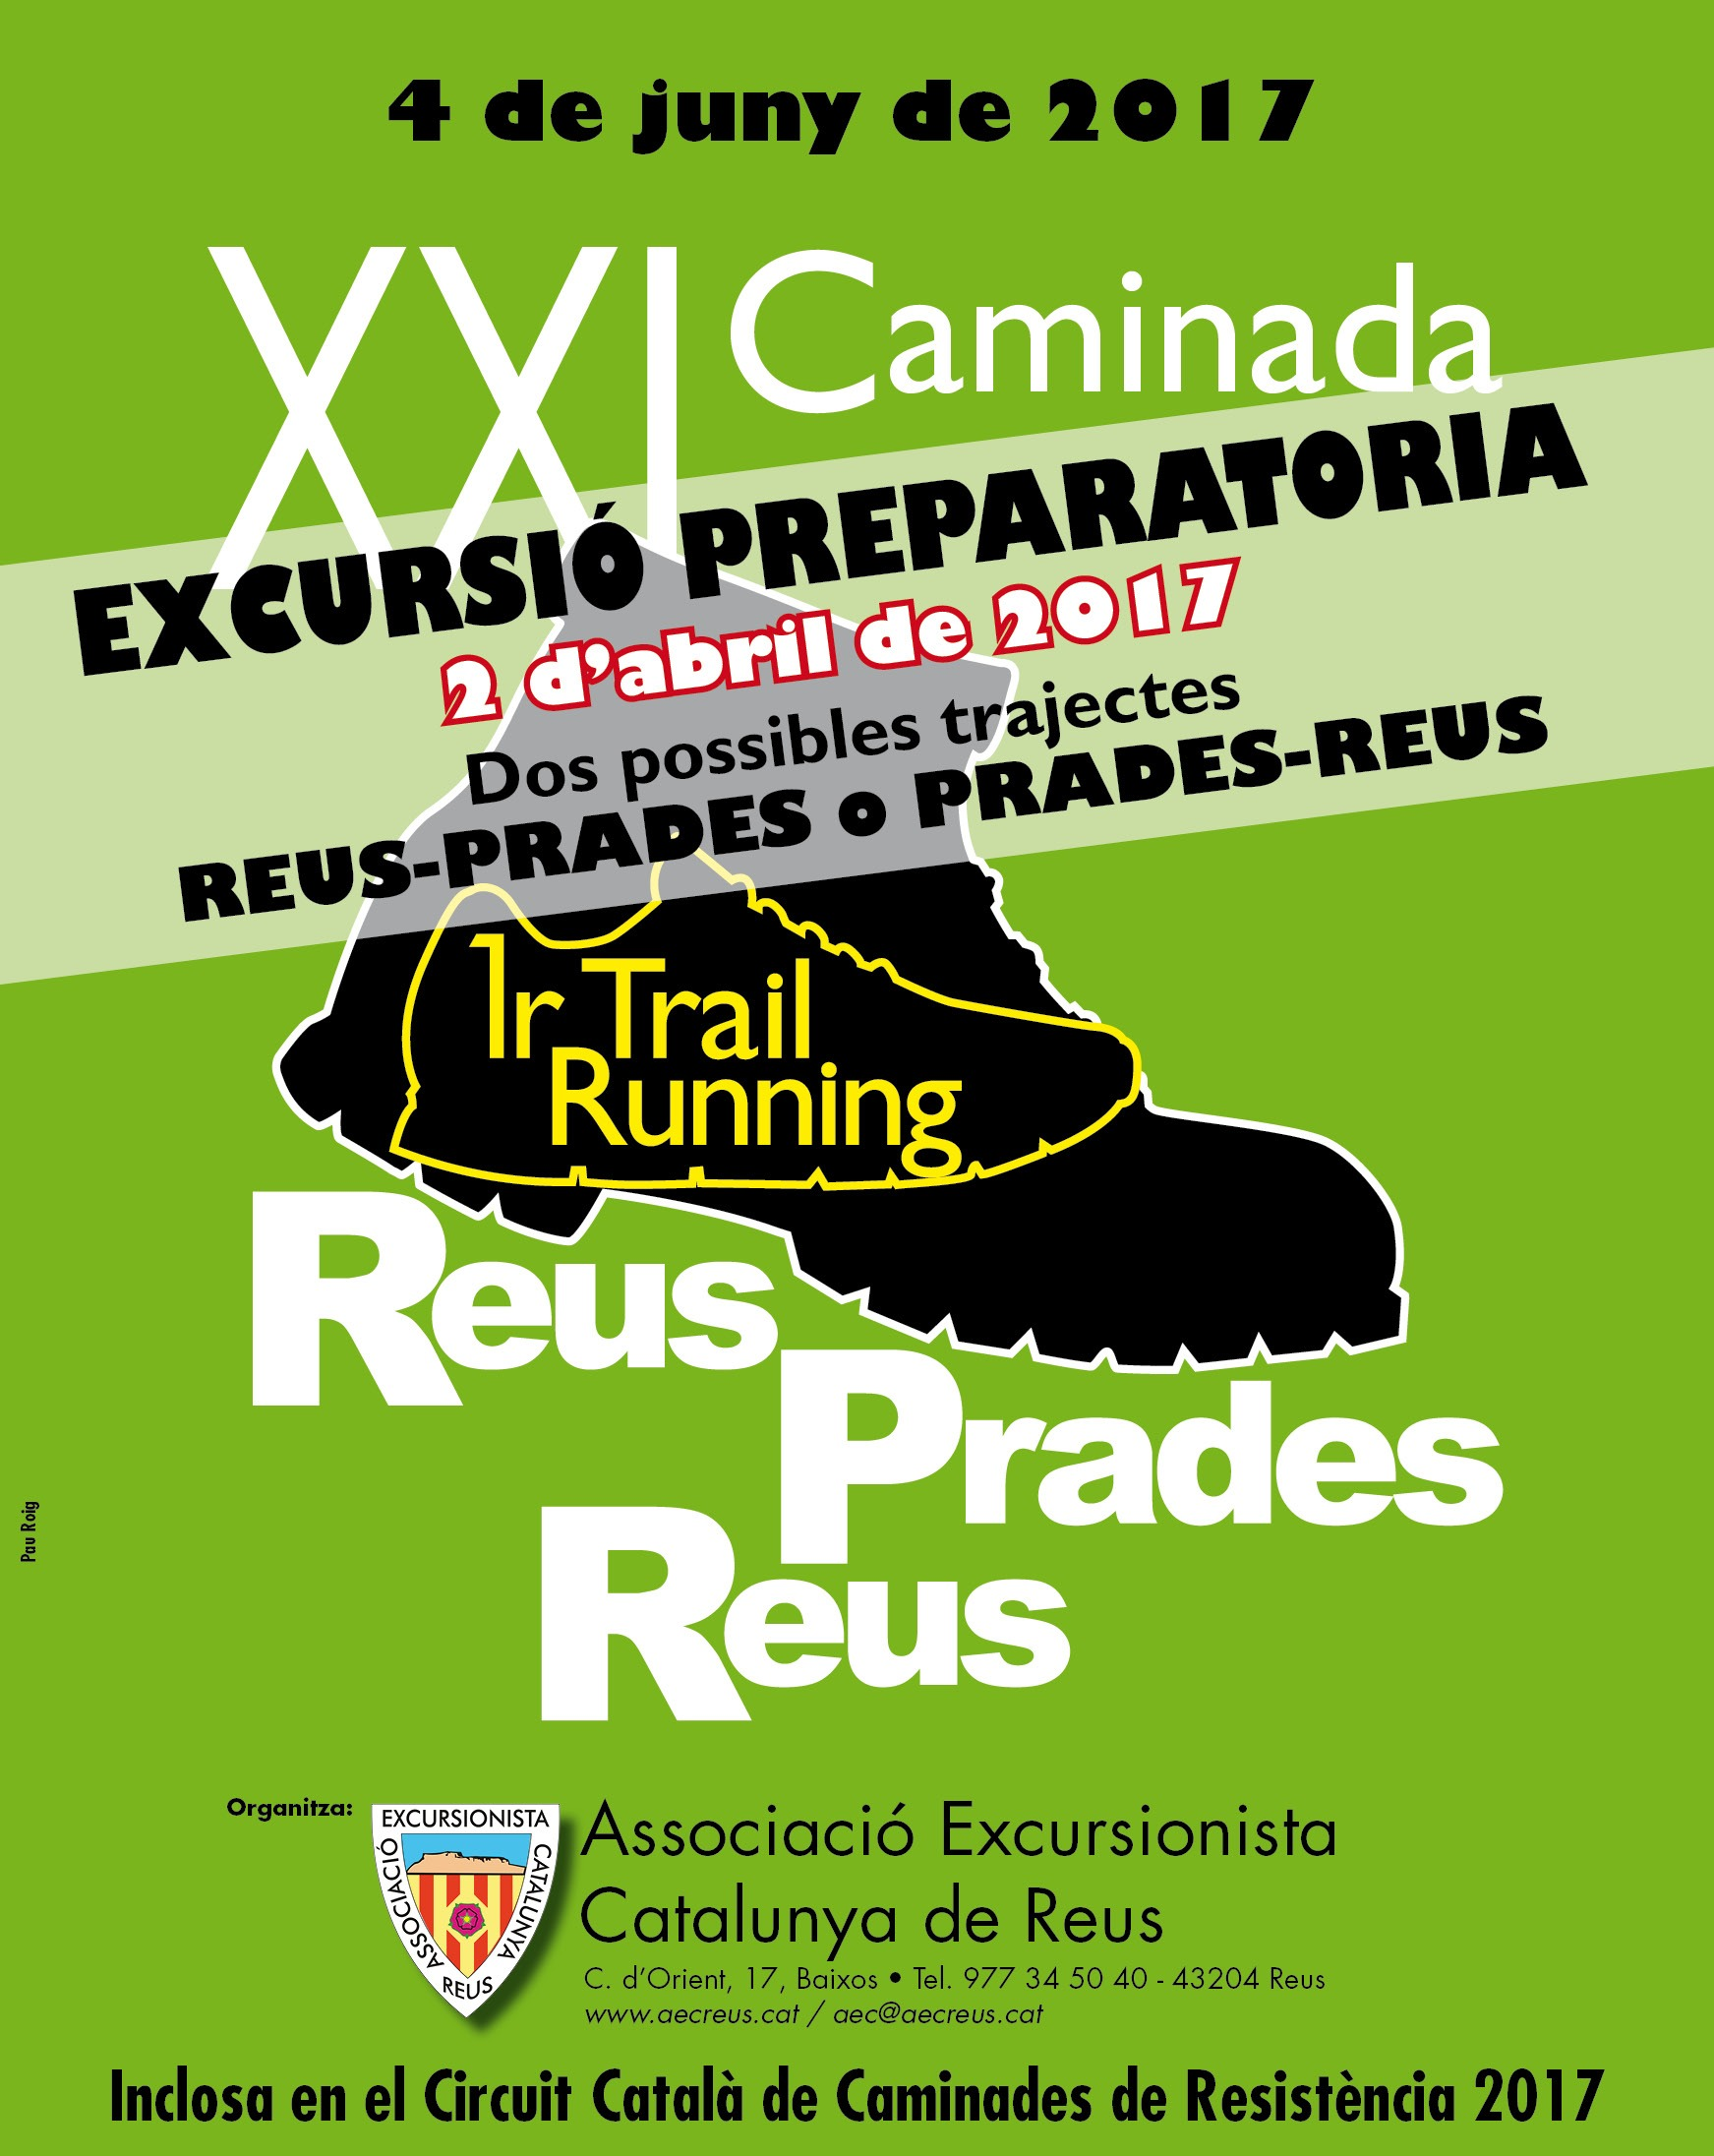 R-P-R XXI cartell-Prep